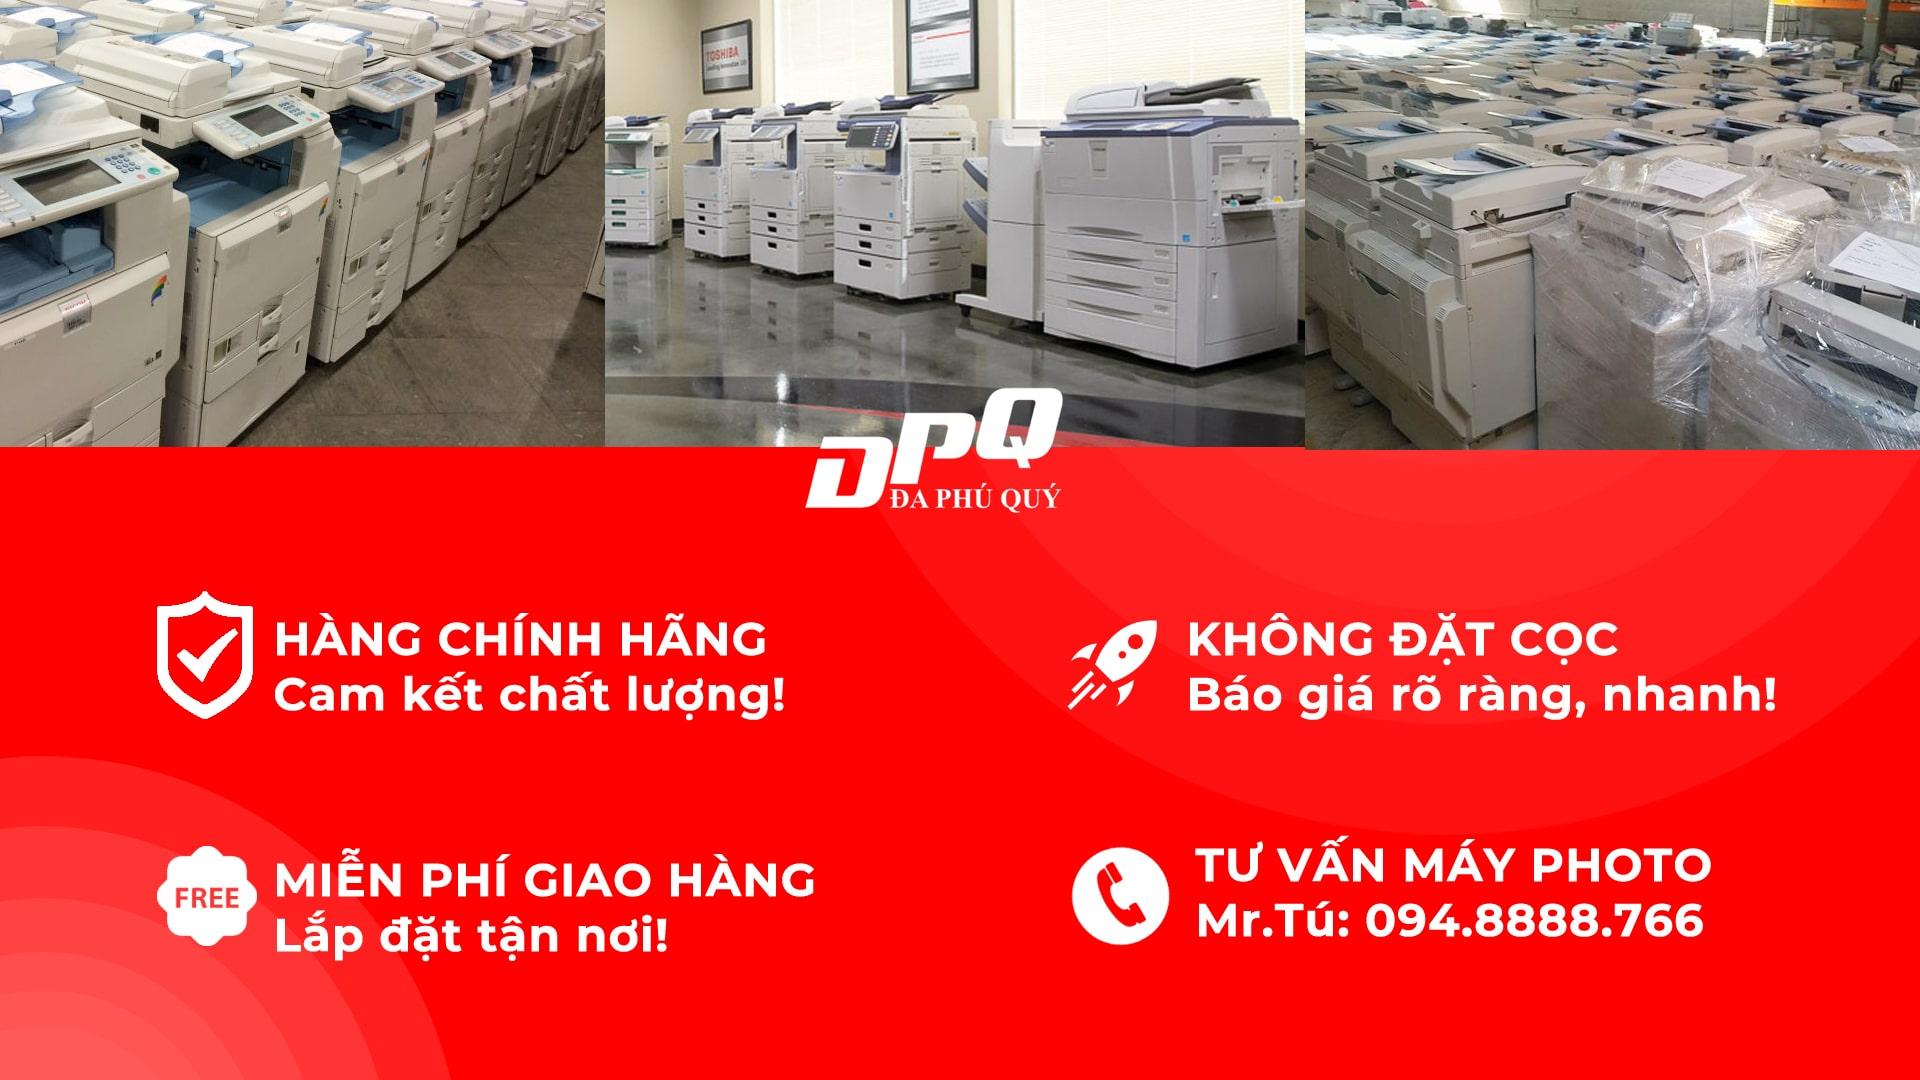 Quy trình cho thuê máy photocopy: Thực hiện giao dịch